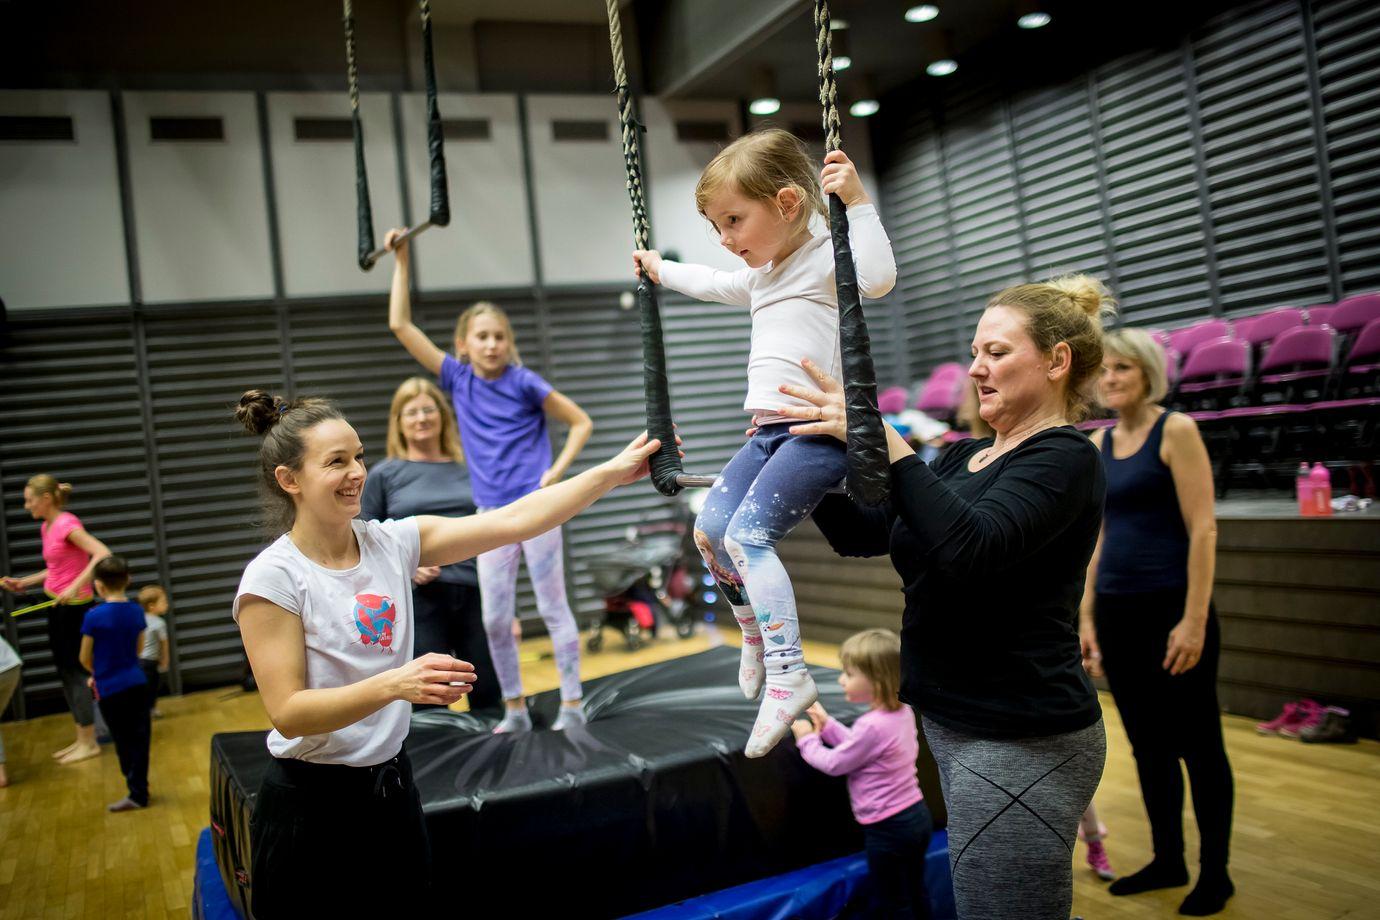 Cirkusovy-workshop-KD-Mlejn_Vojtech-Brtnicky.JPG